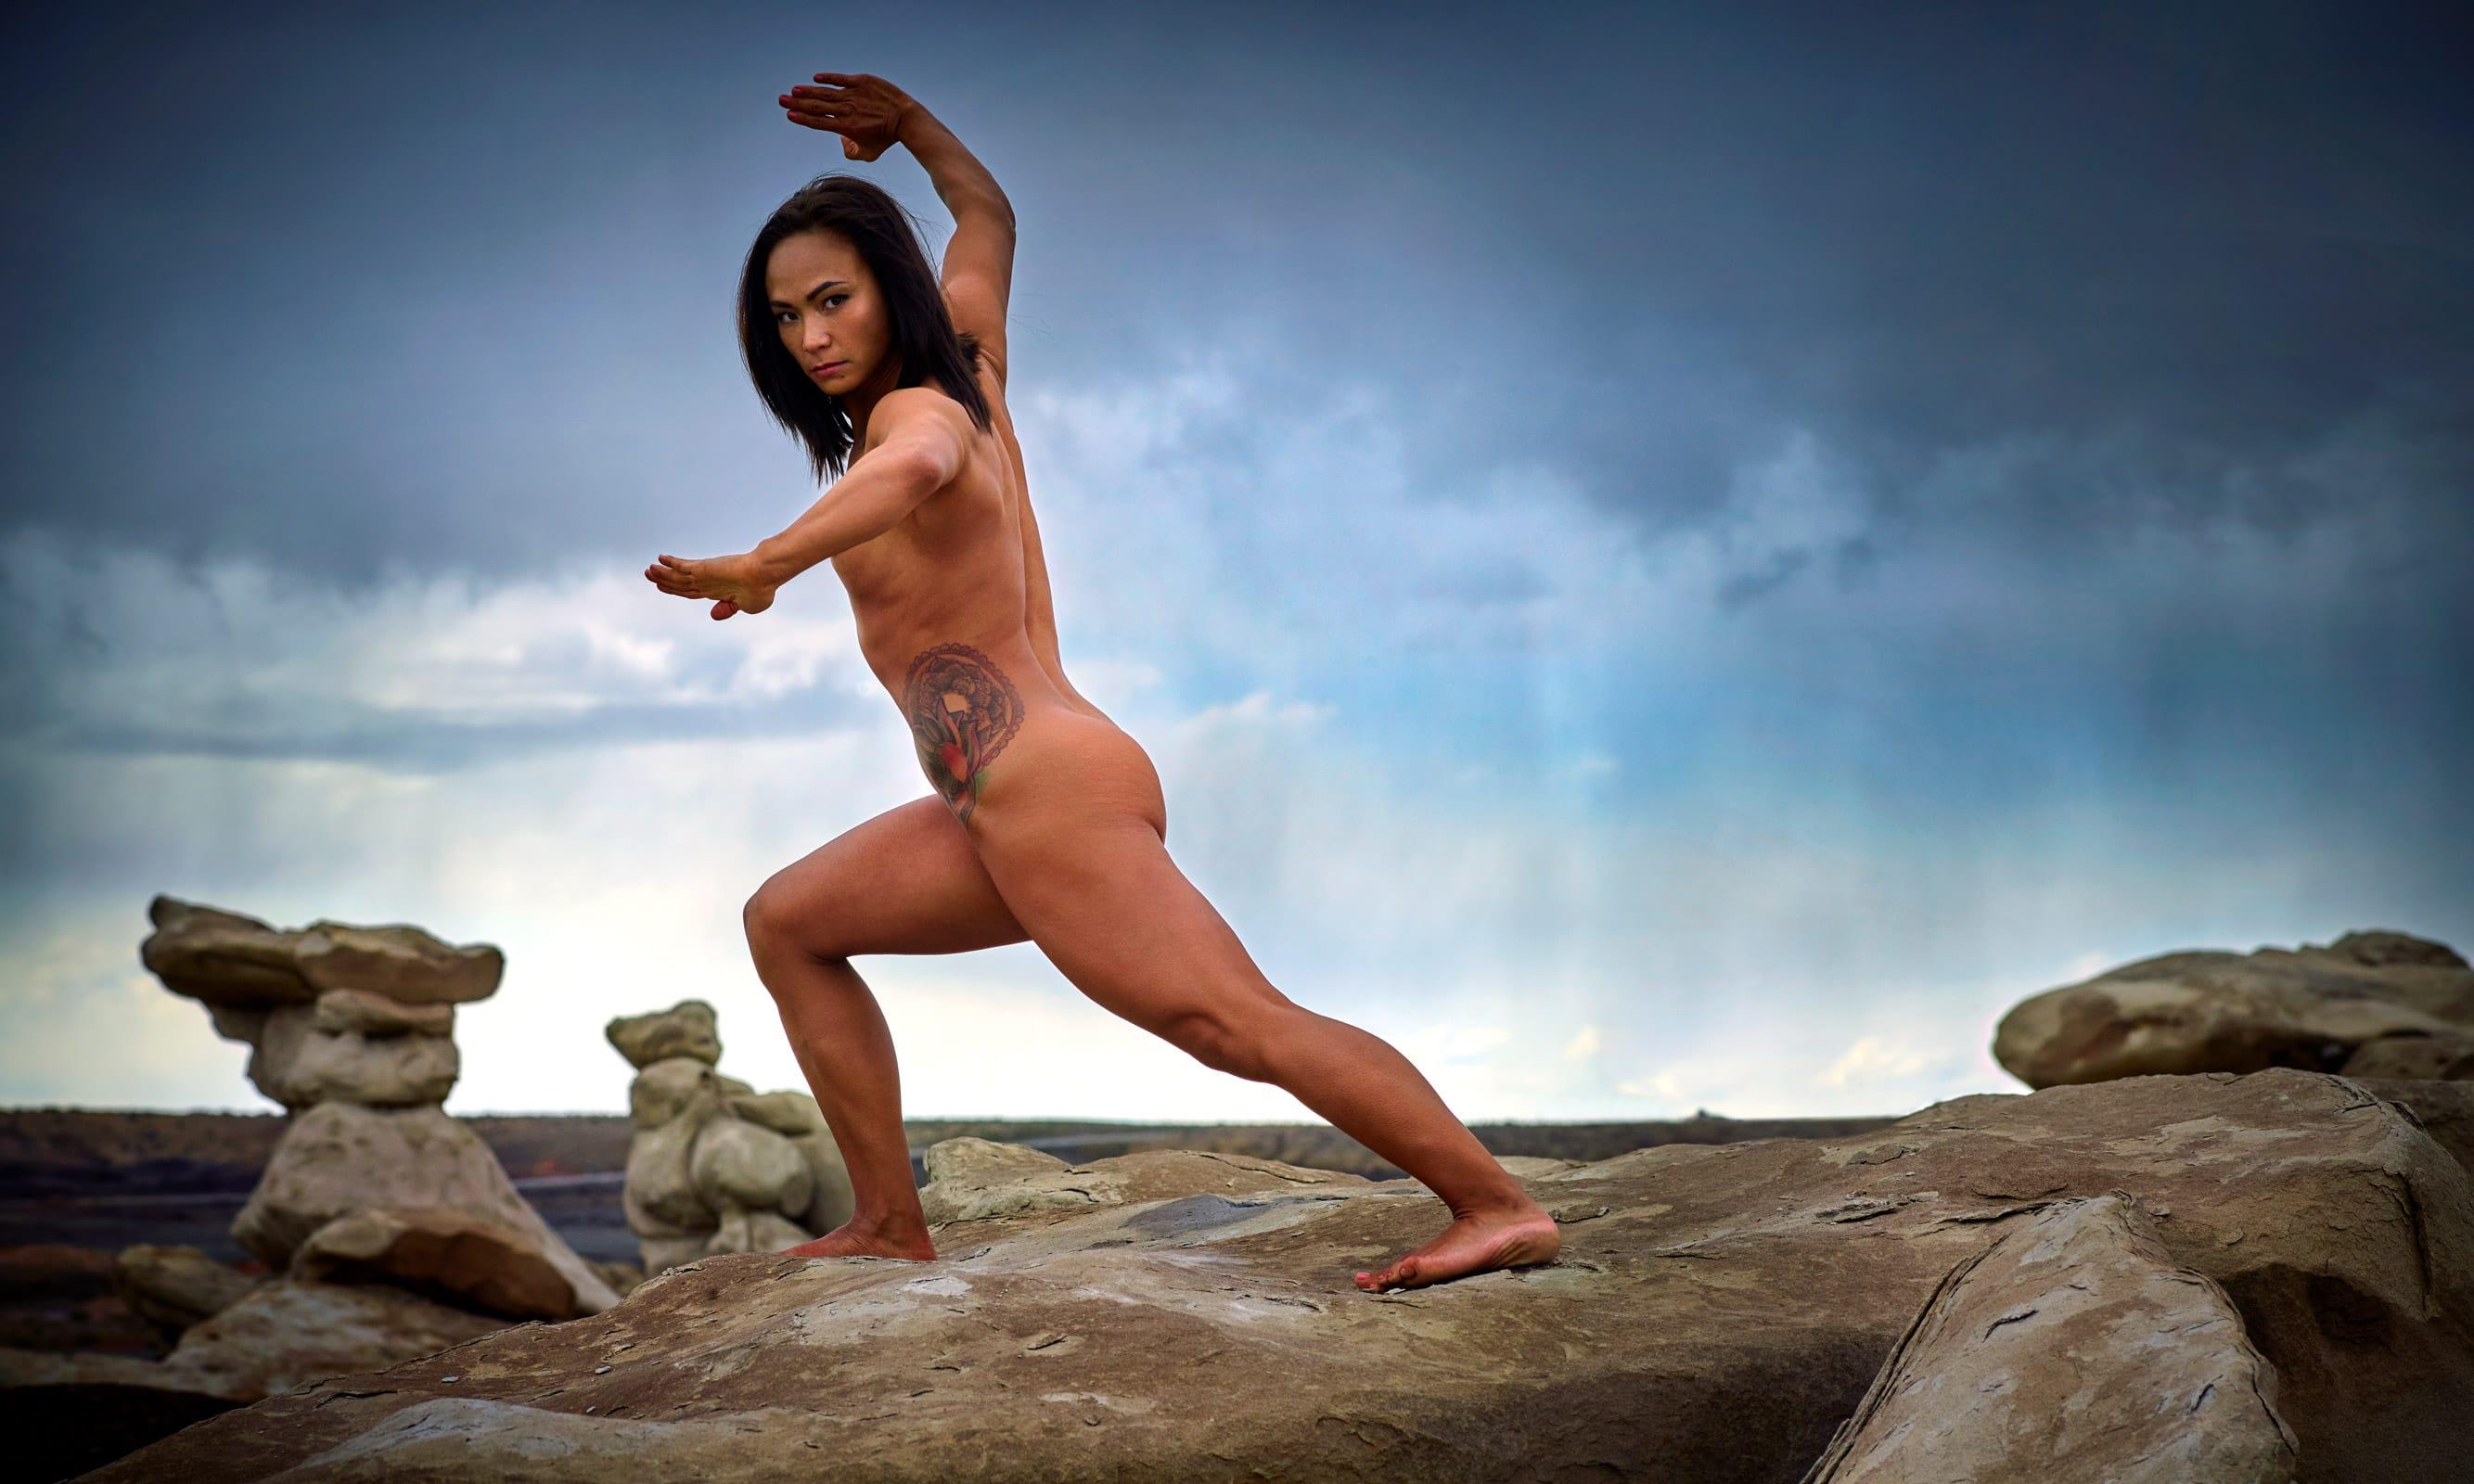 Michelle waterson nude